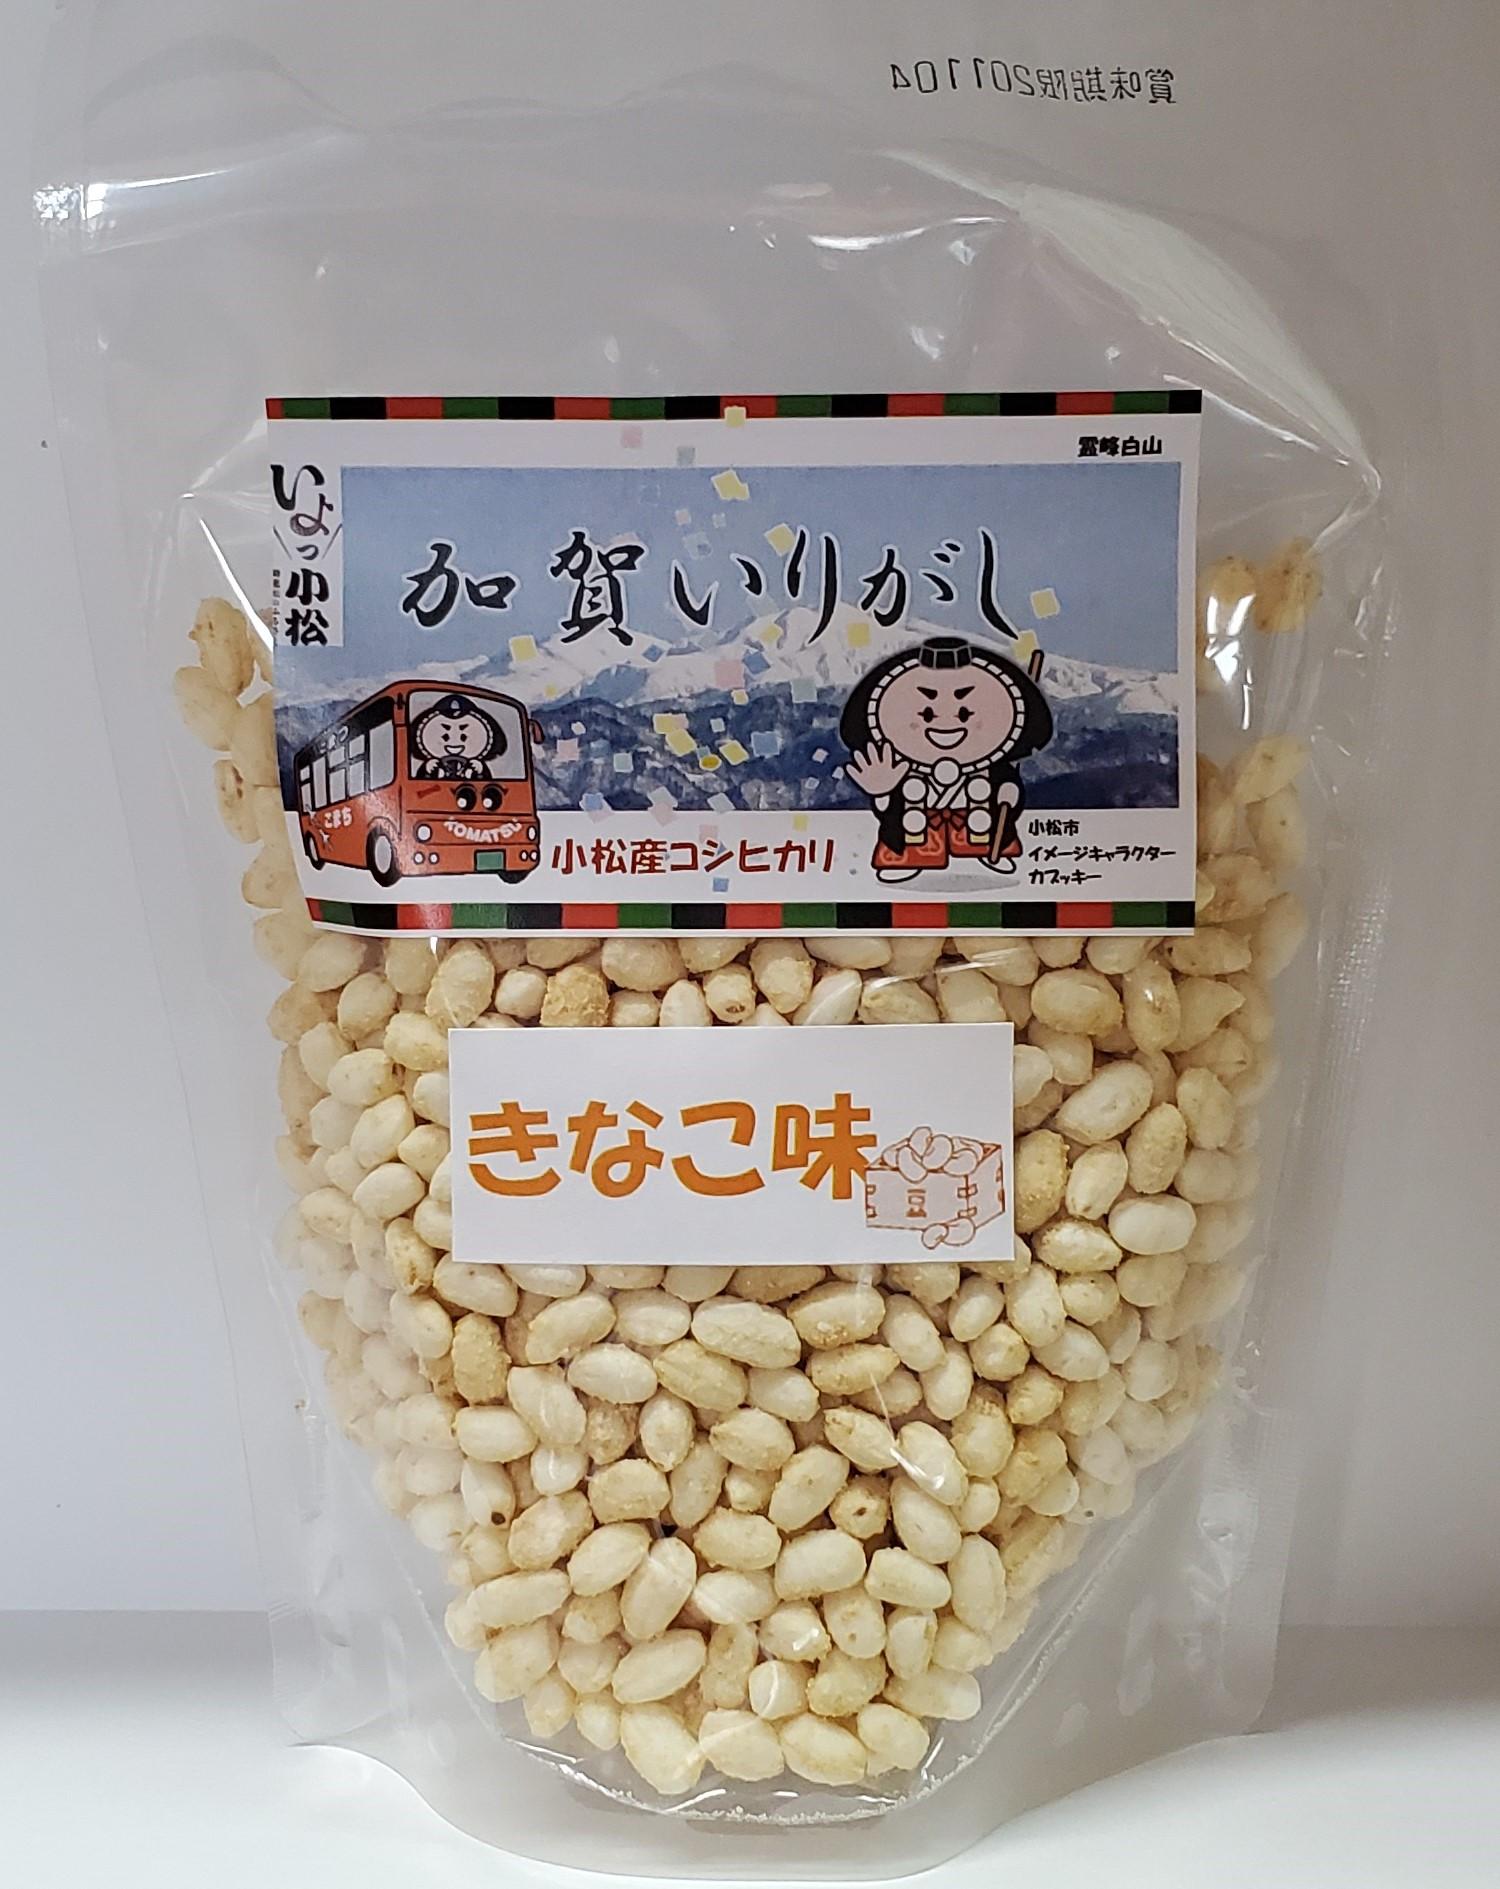 きなこ味(40g)…小松産大豆で作った自家製きな粉をかけました。人気No.1!